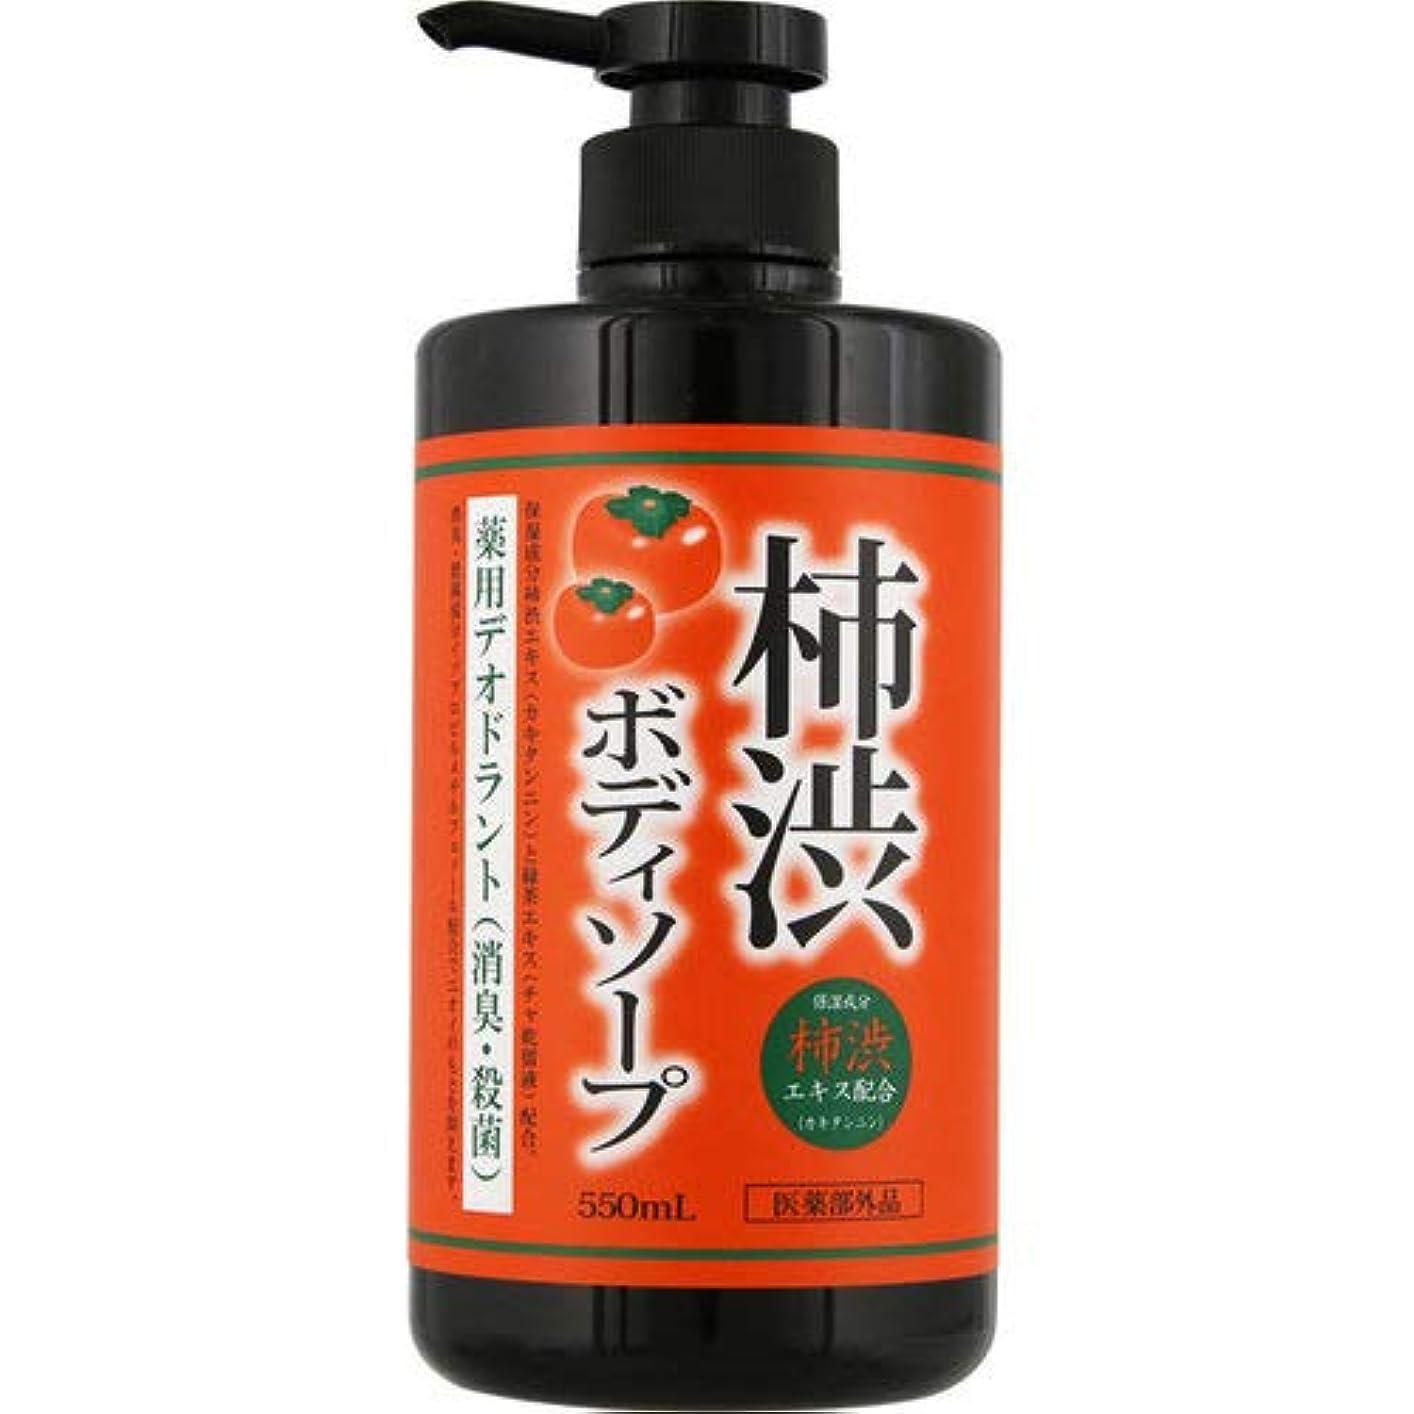 特別にハッピーいっぱい薬用 柿渋ボディソープ 550ml[医薬部外品]